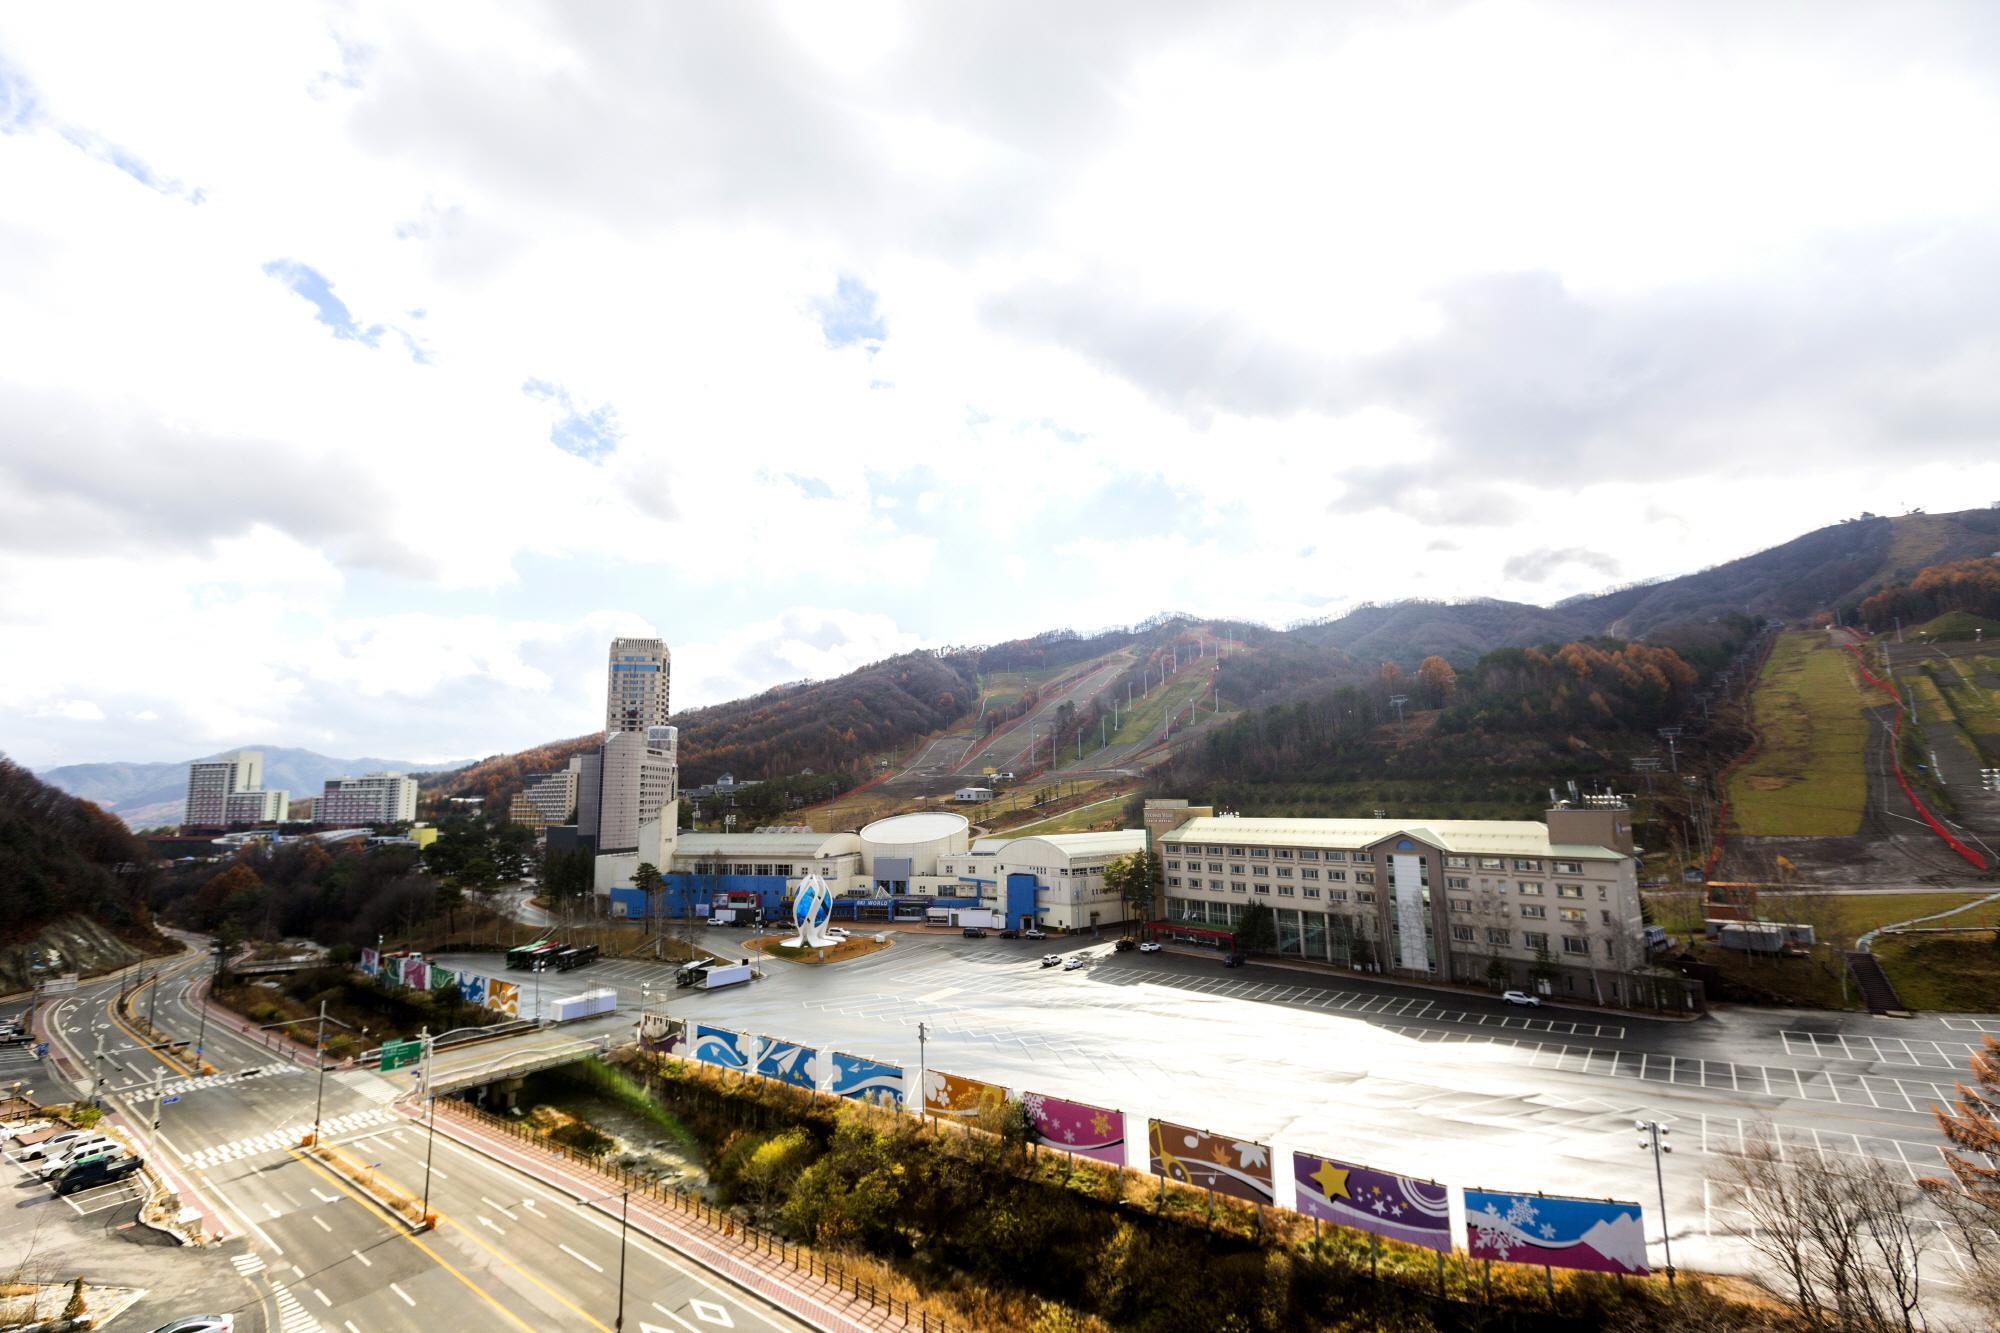 Pyeongchang The White View